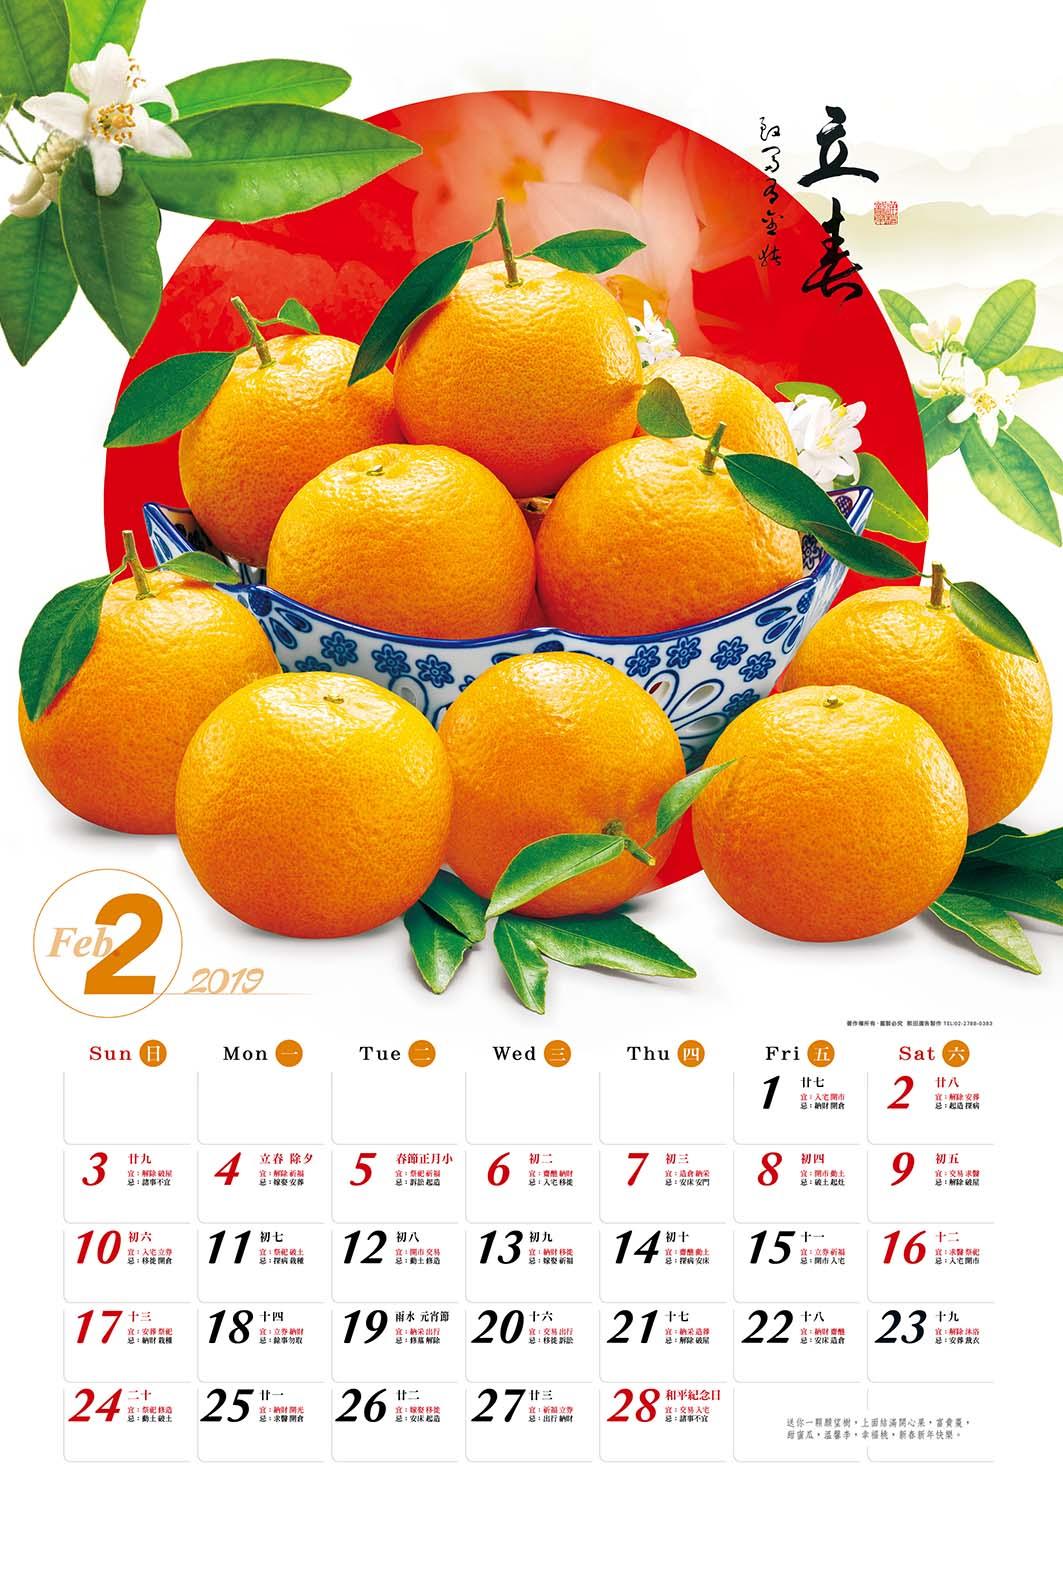 A02_水果月曆封面_2月.jpg